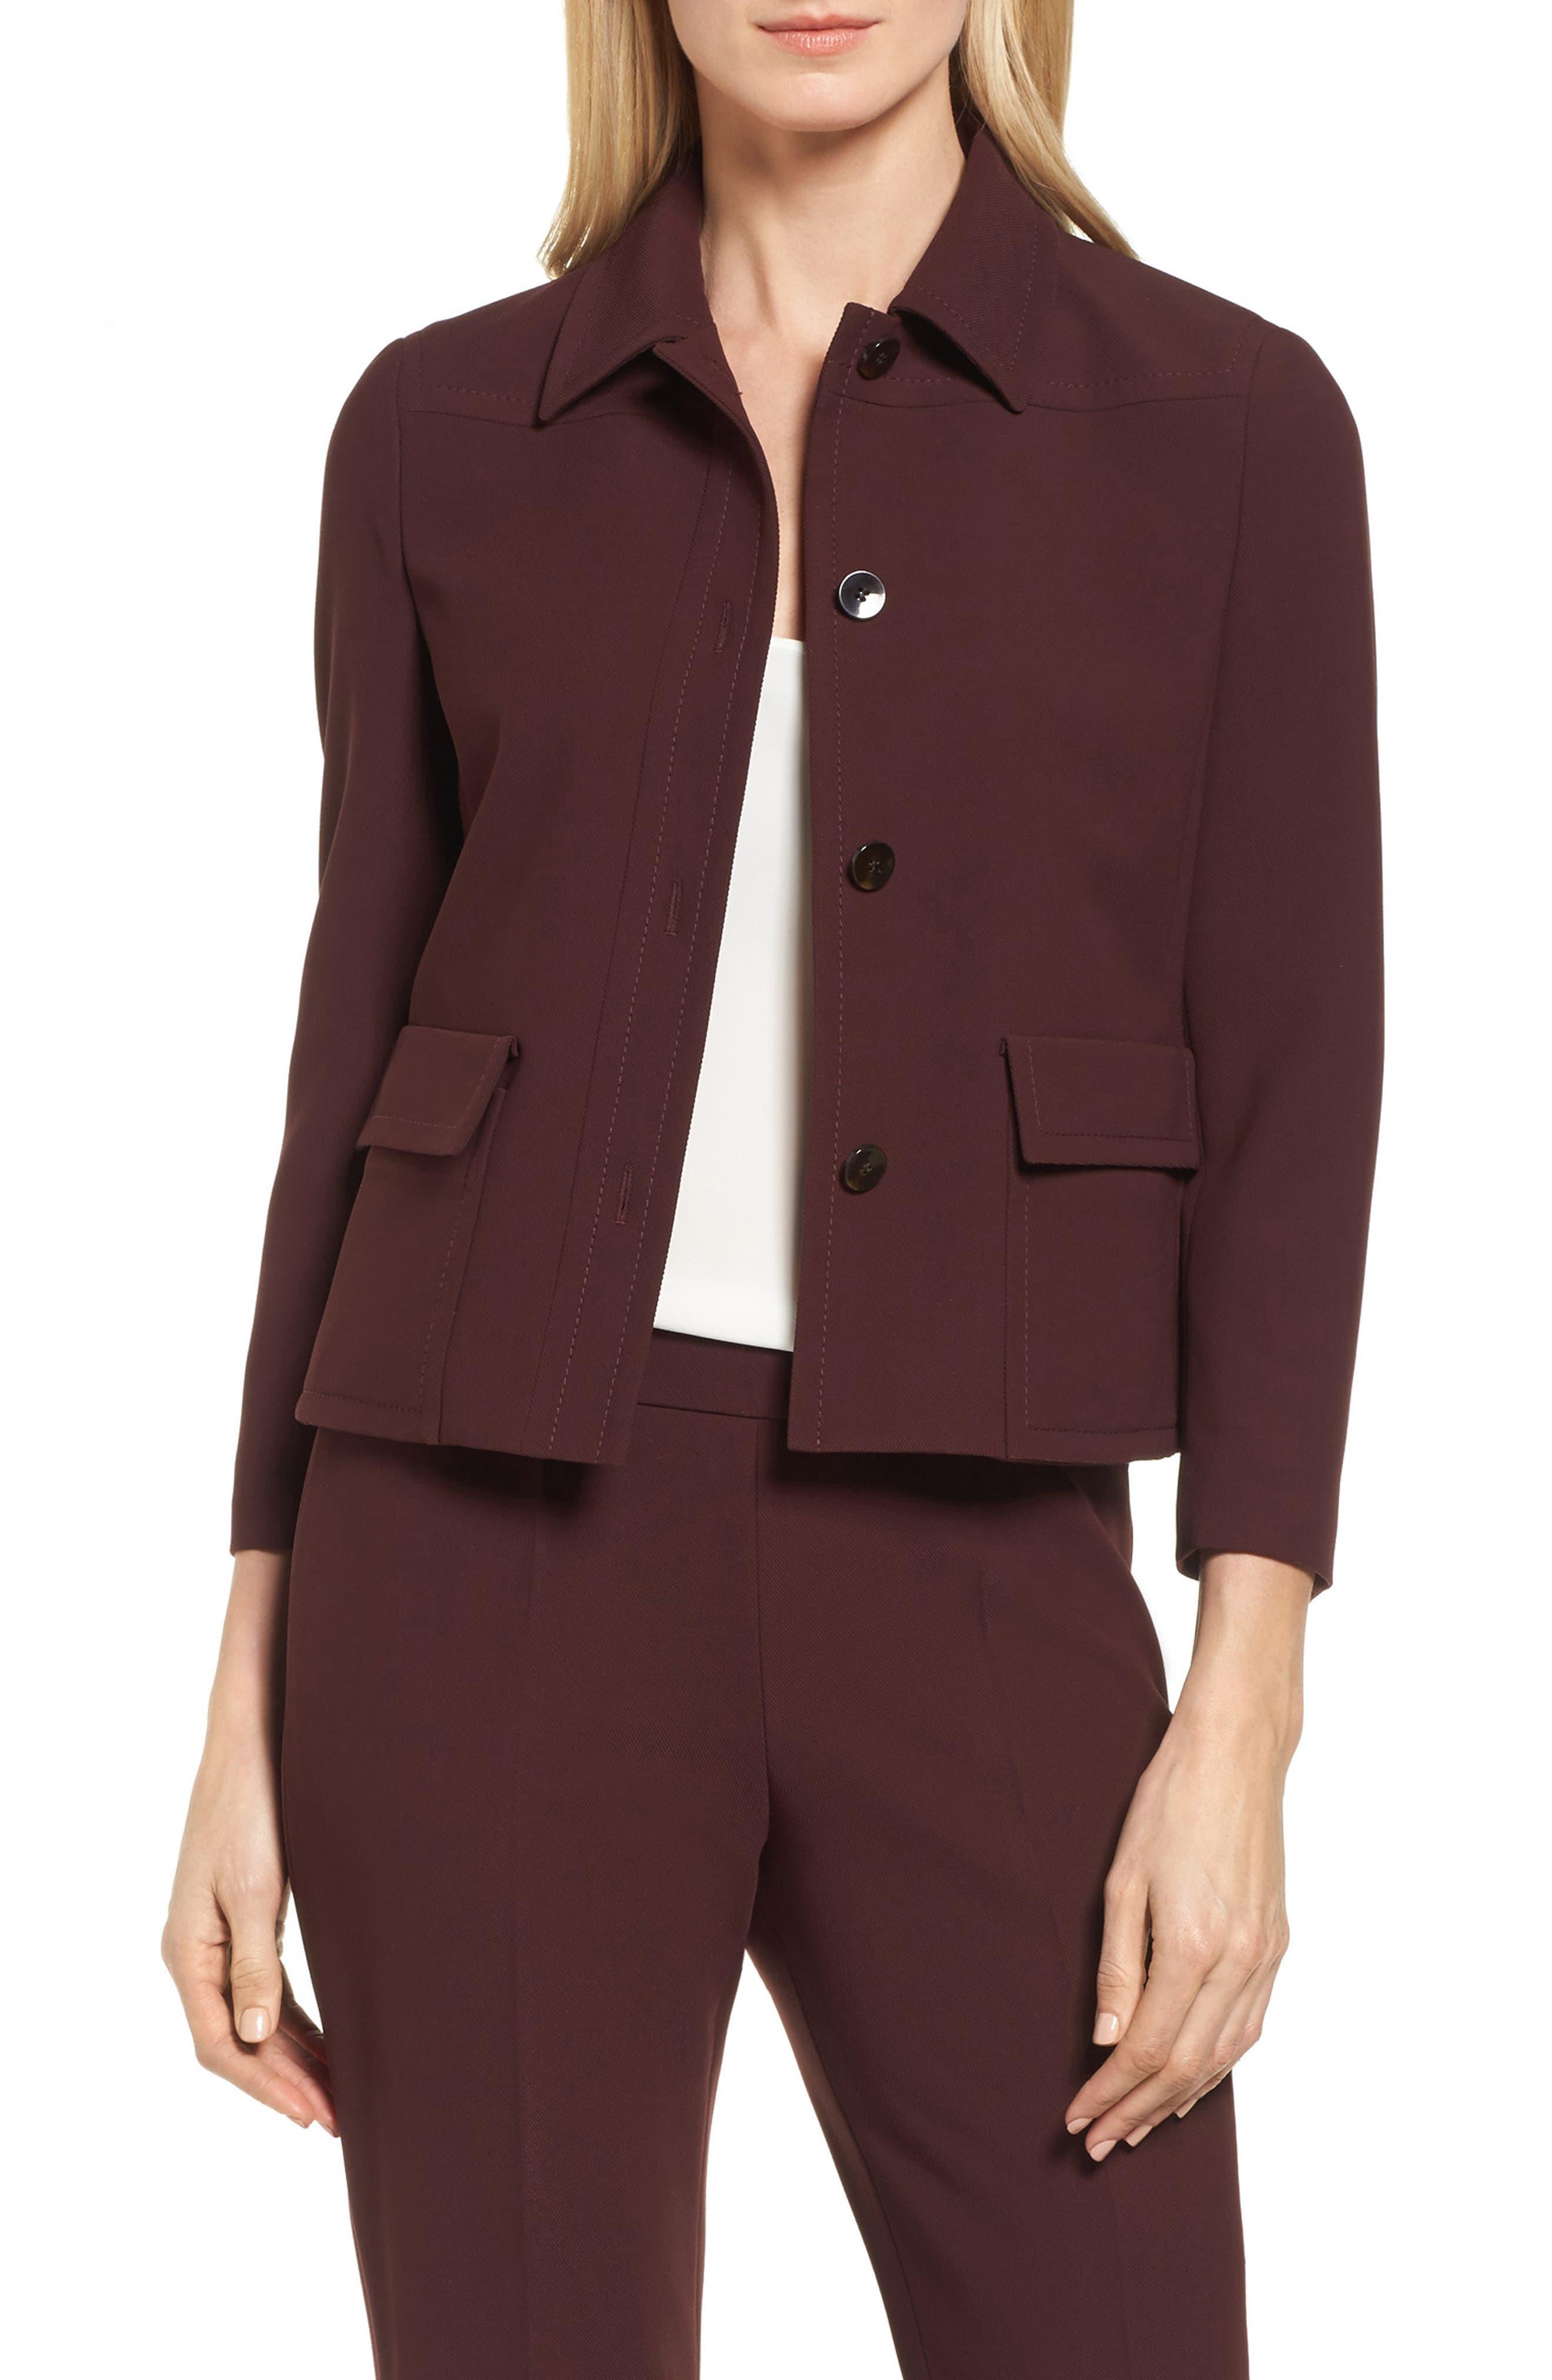 Juriona Suit Jacket,                         Main,                         color, 602